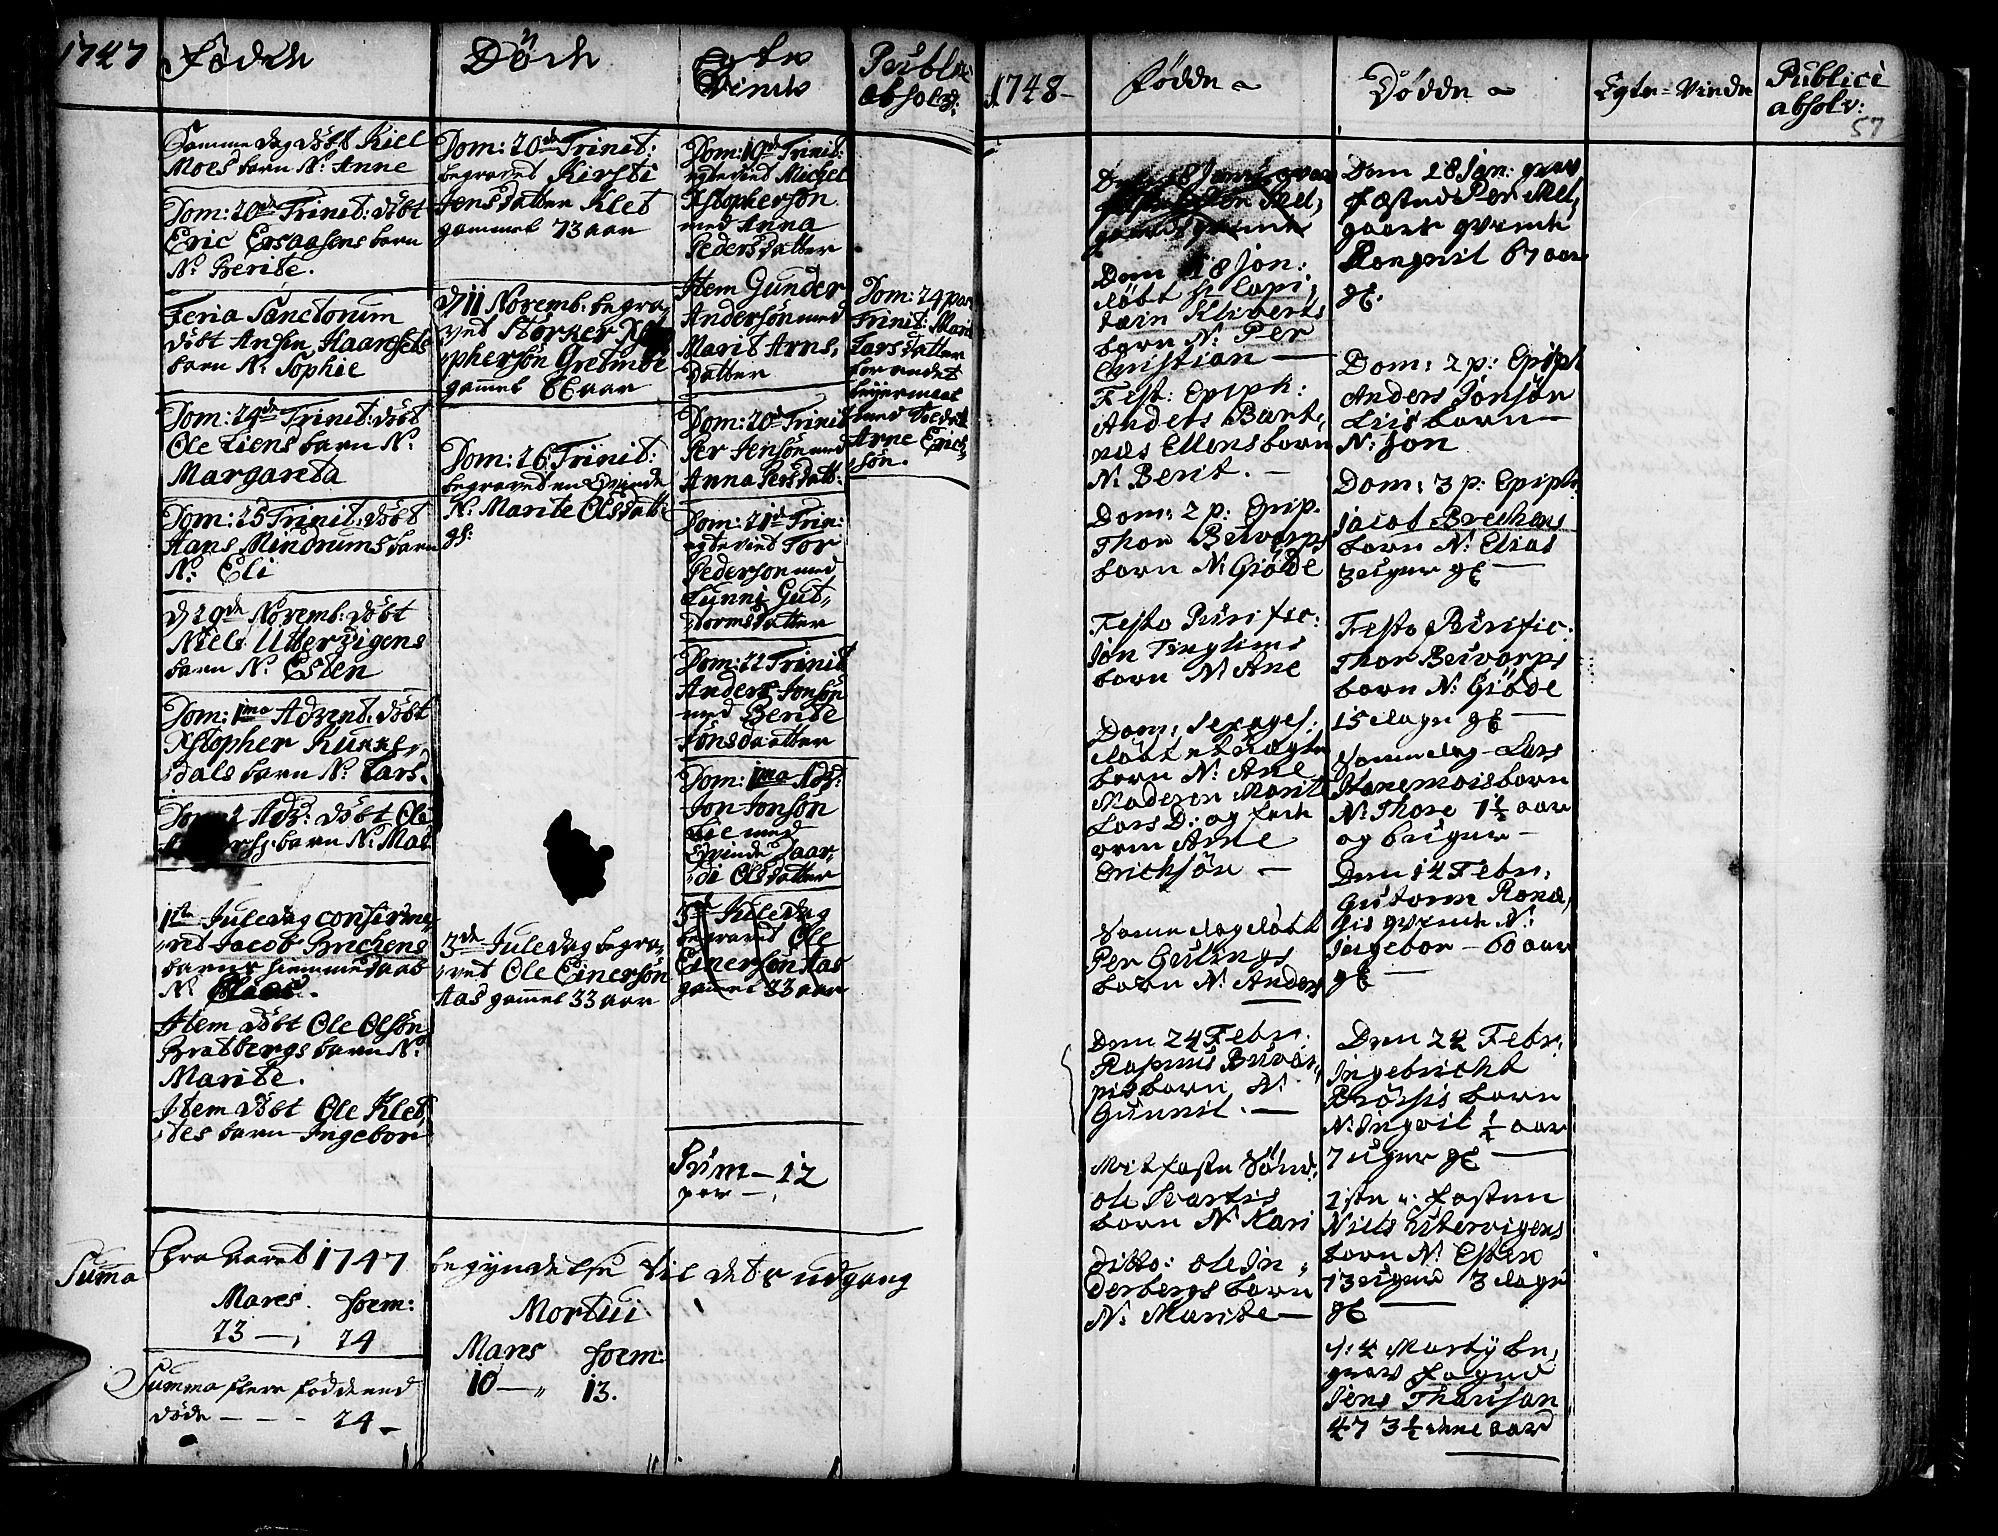 SAT, Ministerialprotokoller, klokkerbøker og fødselsregistre - Nord-Trøndelag, 741/L0385: Ministerialbok nr. 741A01, 1722-1815, s. 57